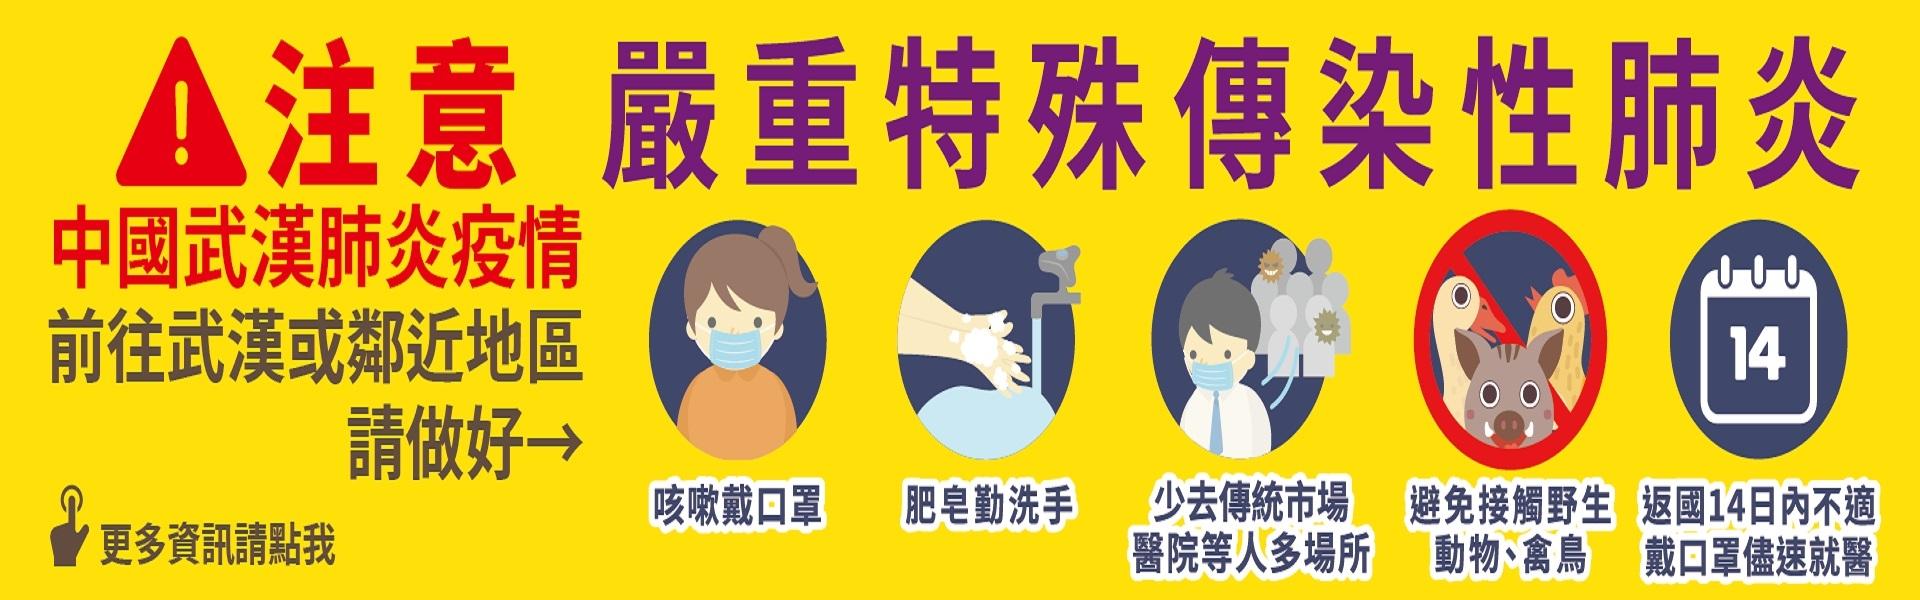 轉知 - 衛生福利部中華民國 109 年 1 月 15 日衛授疾字第 1090100030 號公告「另開新視窗」